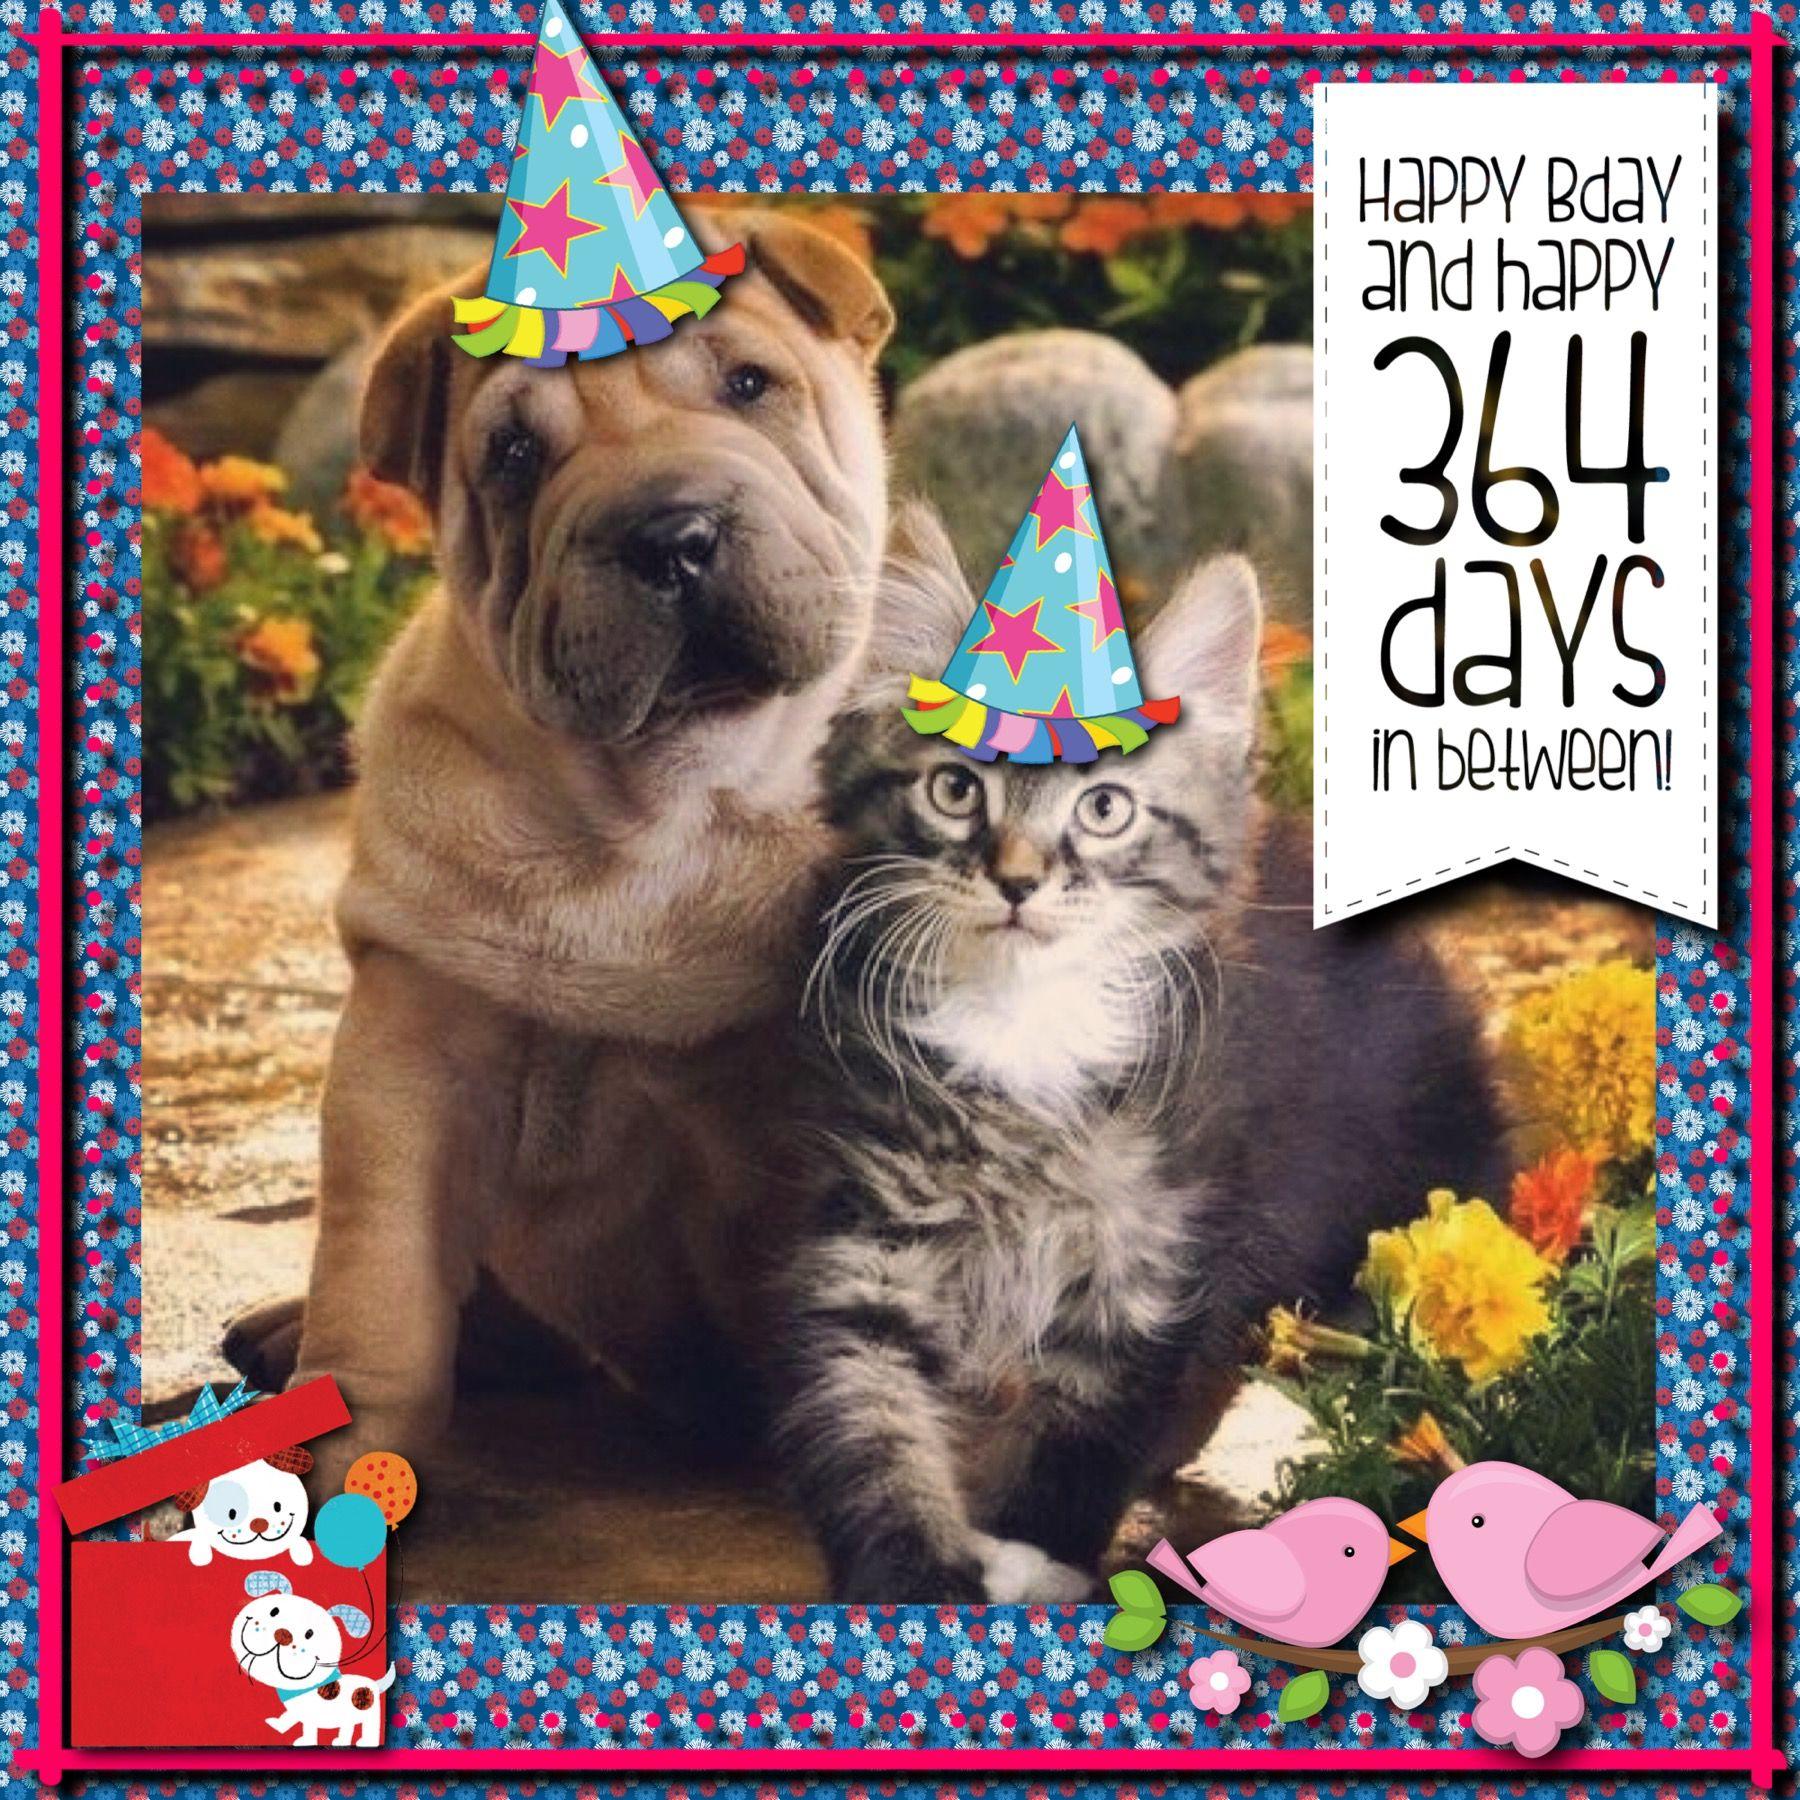 Happybirthday Felicidades Felizcumpleanos Cute Puppies And Kittens Kittens And Puppies Cute Cats And Dogs